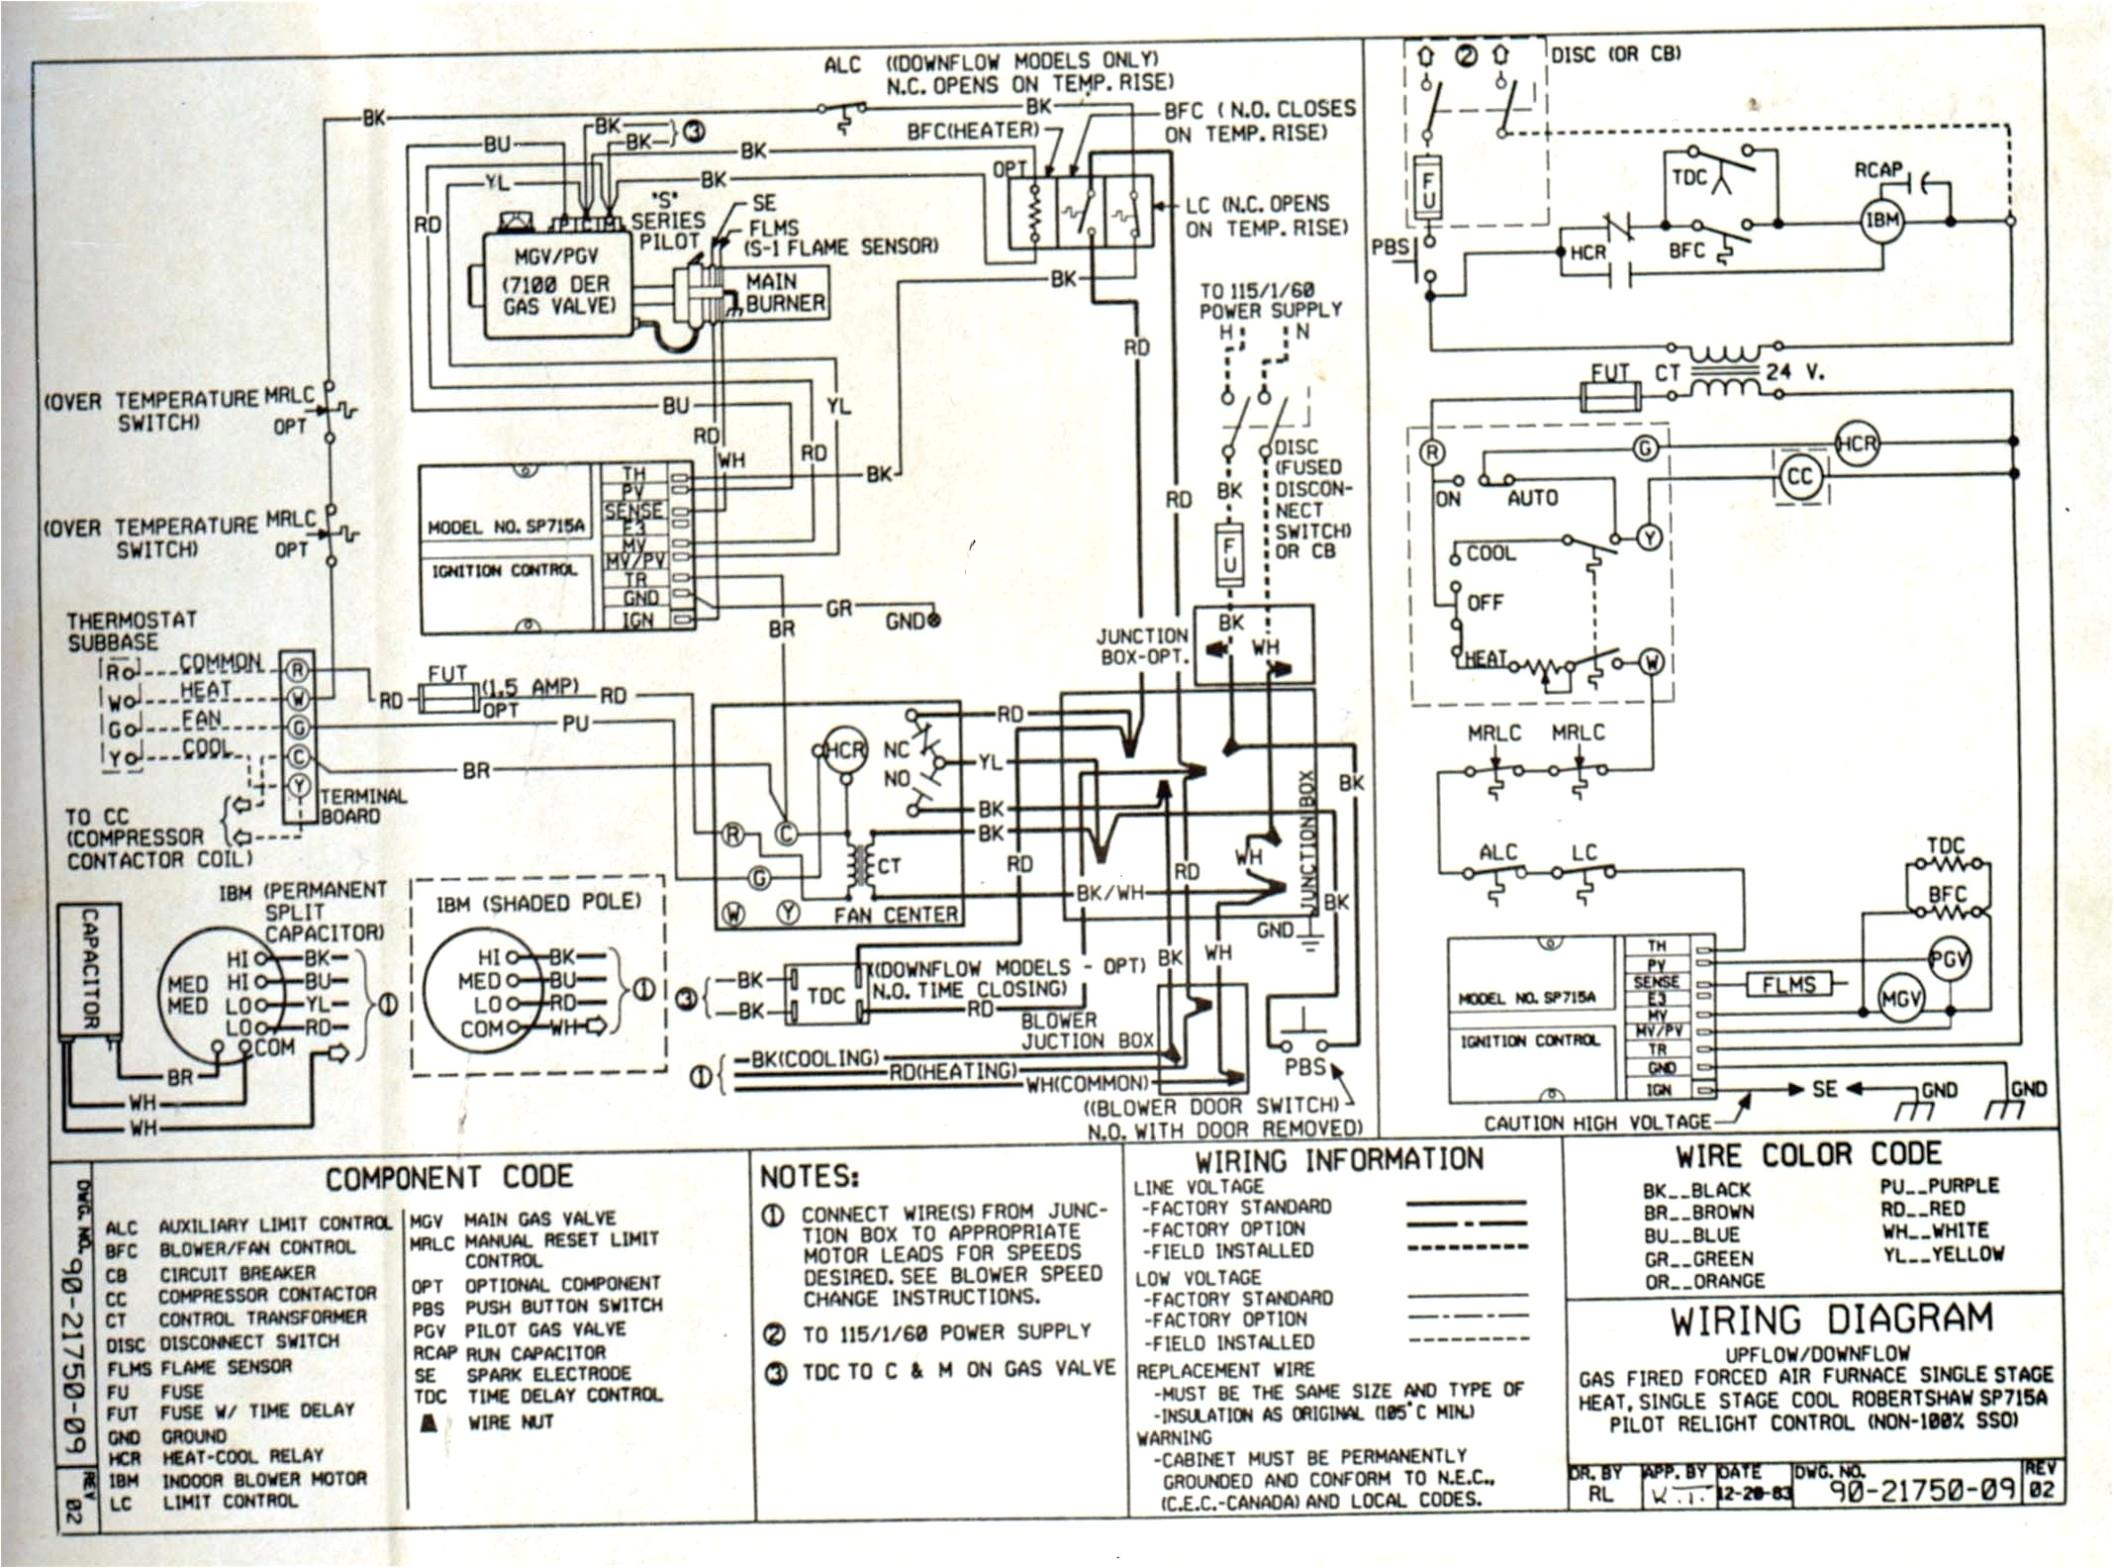 hrk heating hvac wiring diagrams wiring diagram megadiagram drake wiring chiller estq60s2 wiring diagram features hrk